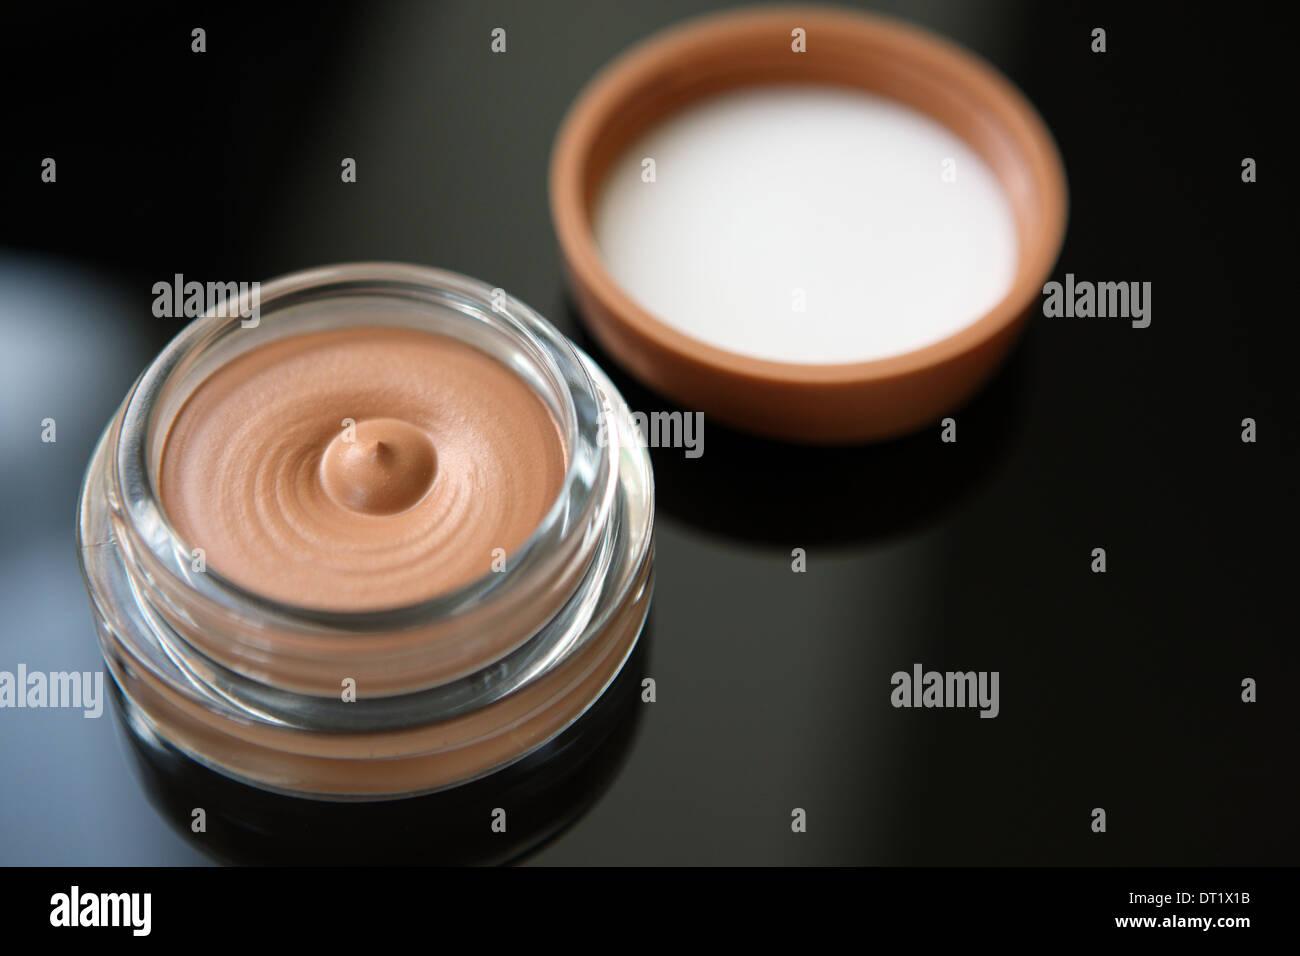 Stiftung Make-up im Weckglas Stockbild